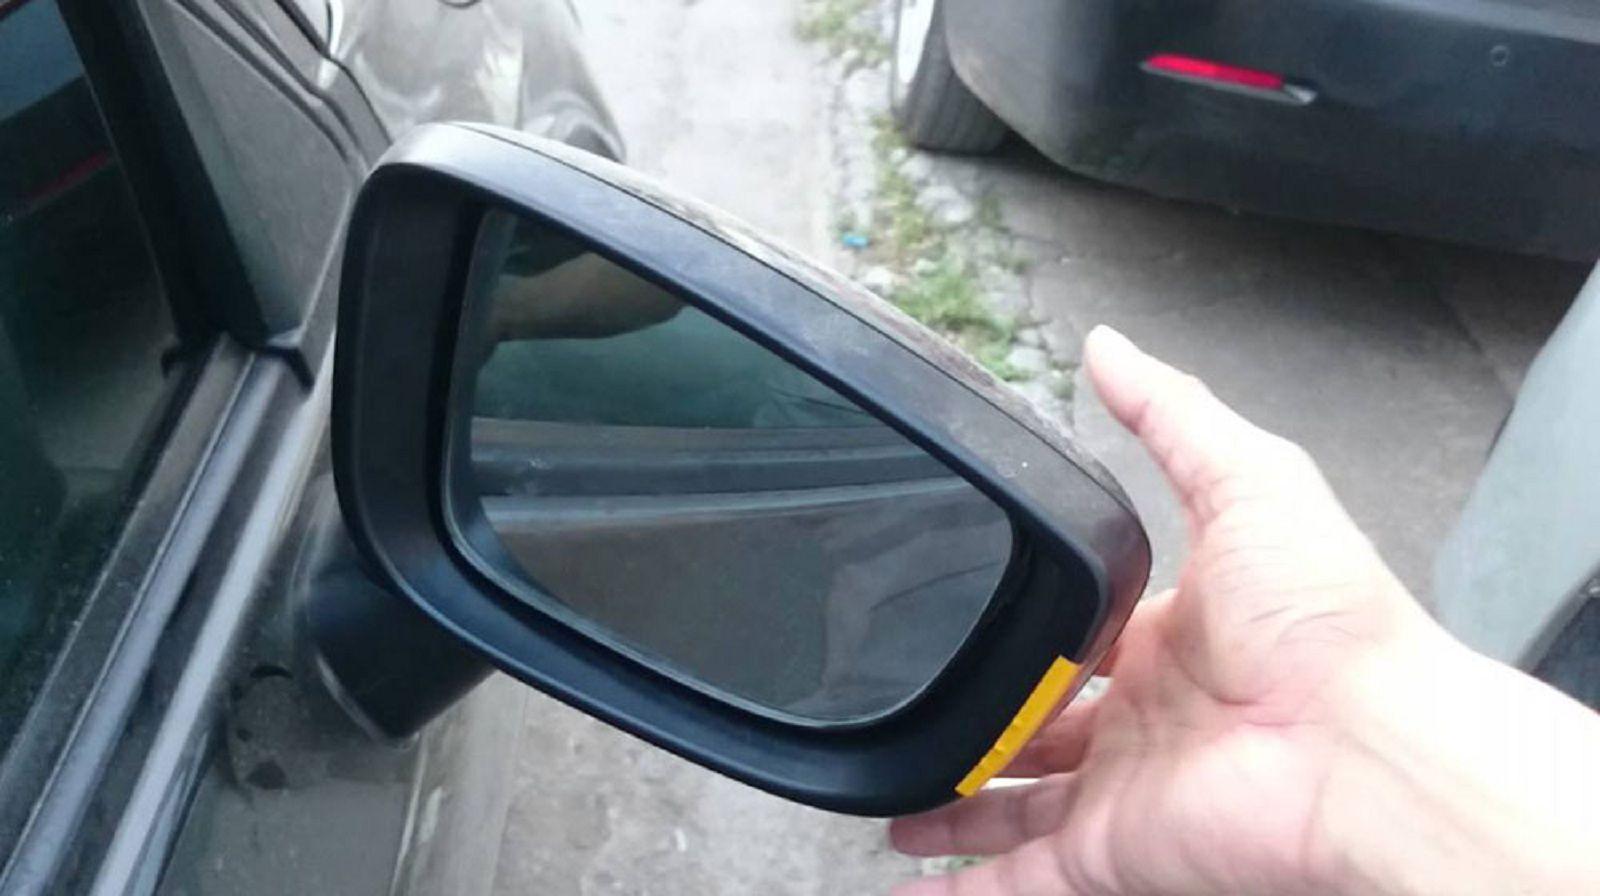 Thú chơi xe - Mẹo chống trộm gương ô tô hiệu quả bác tài nhất định phải biết (Hình 2).